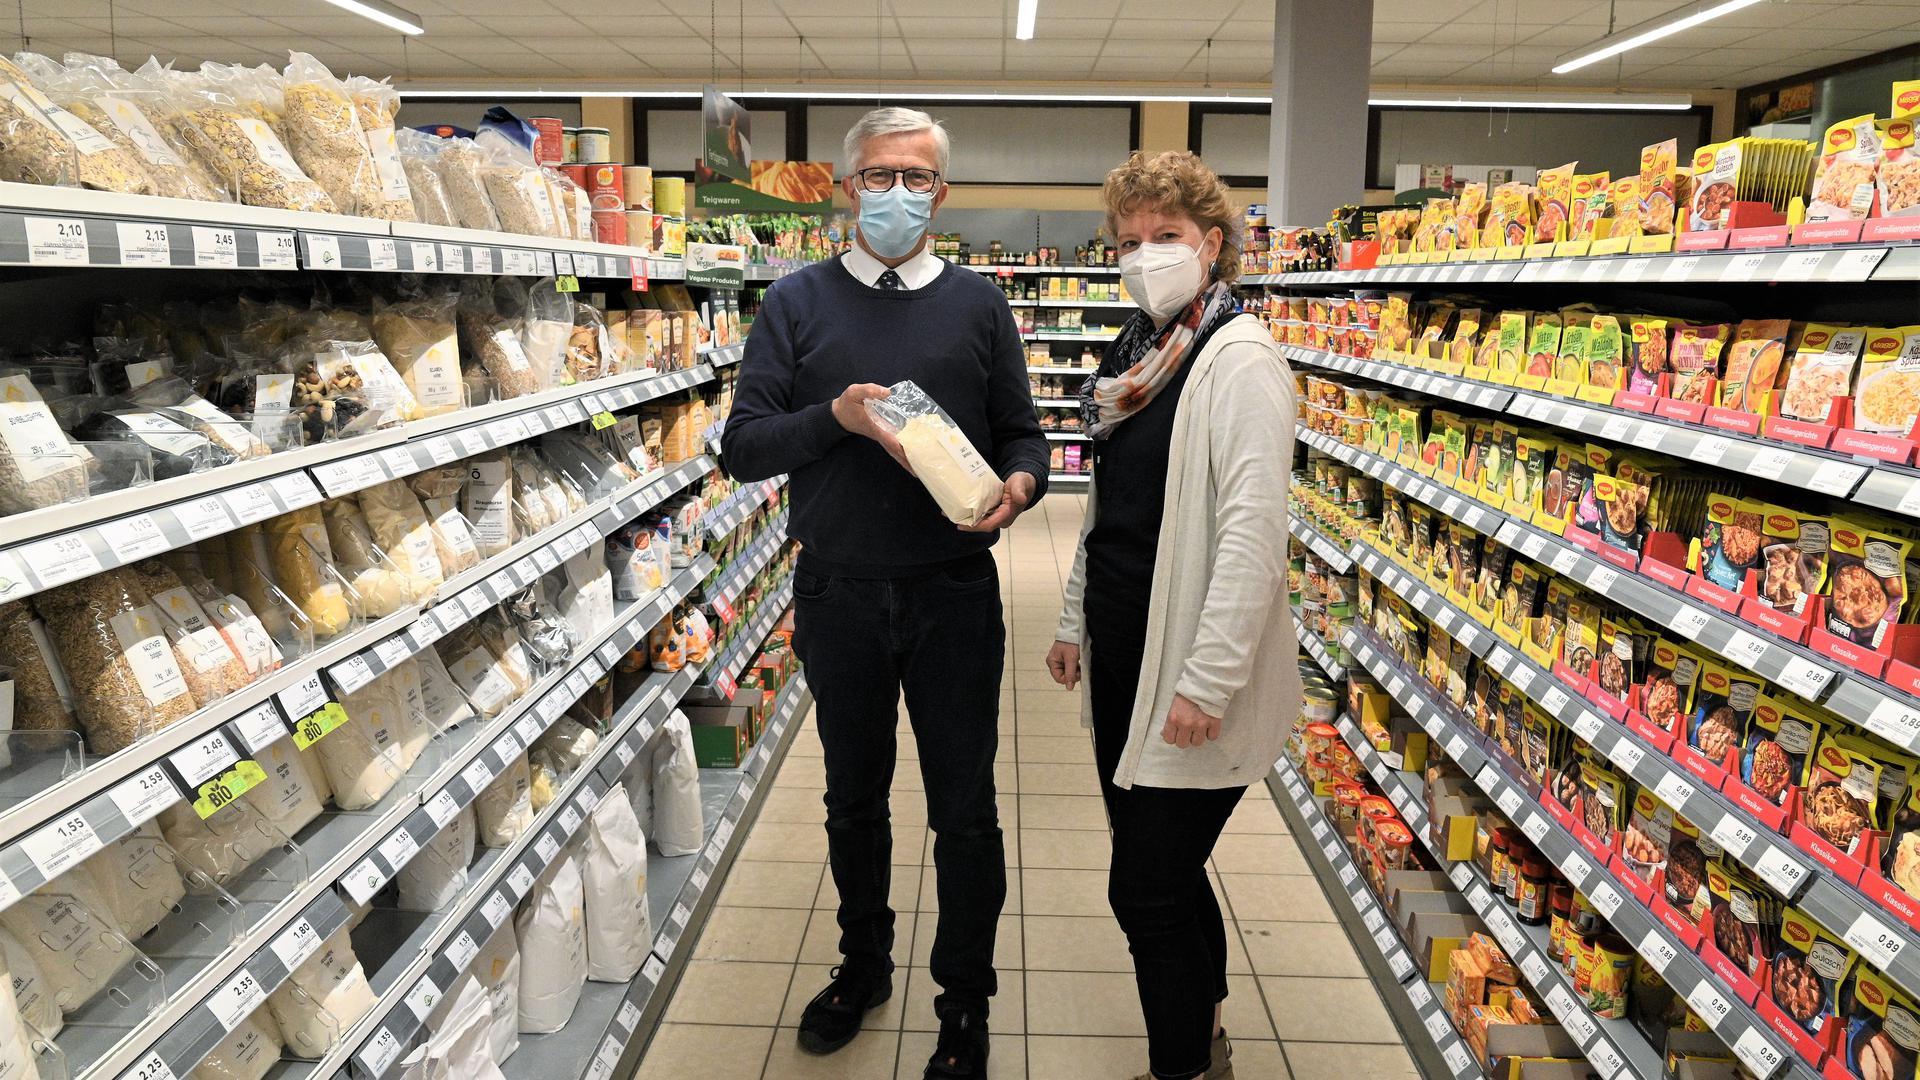 Johannes van Daalen und Alexandra Fluck, Mitglied der Lebenshilfe-Geschäftsführung für Arbeit und Finanzen